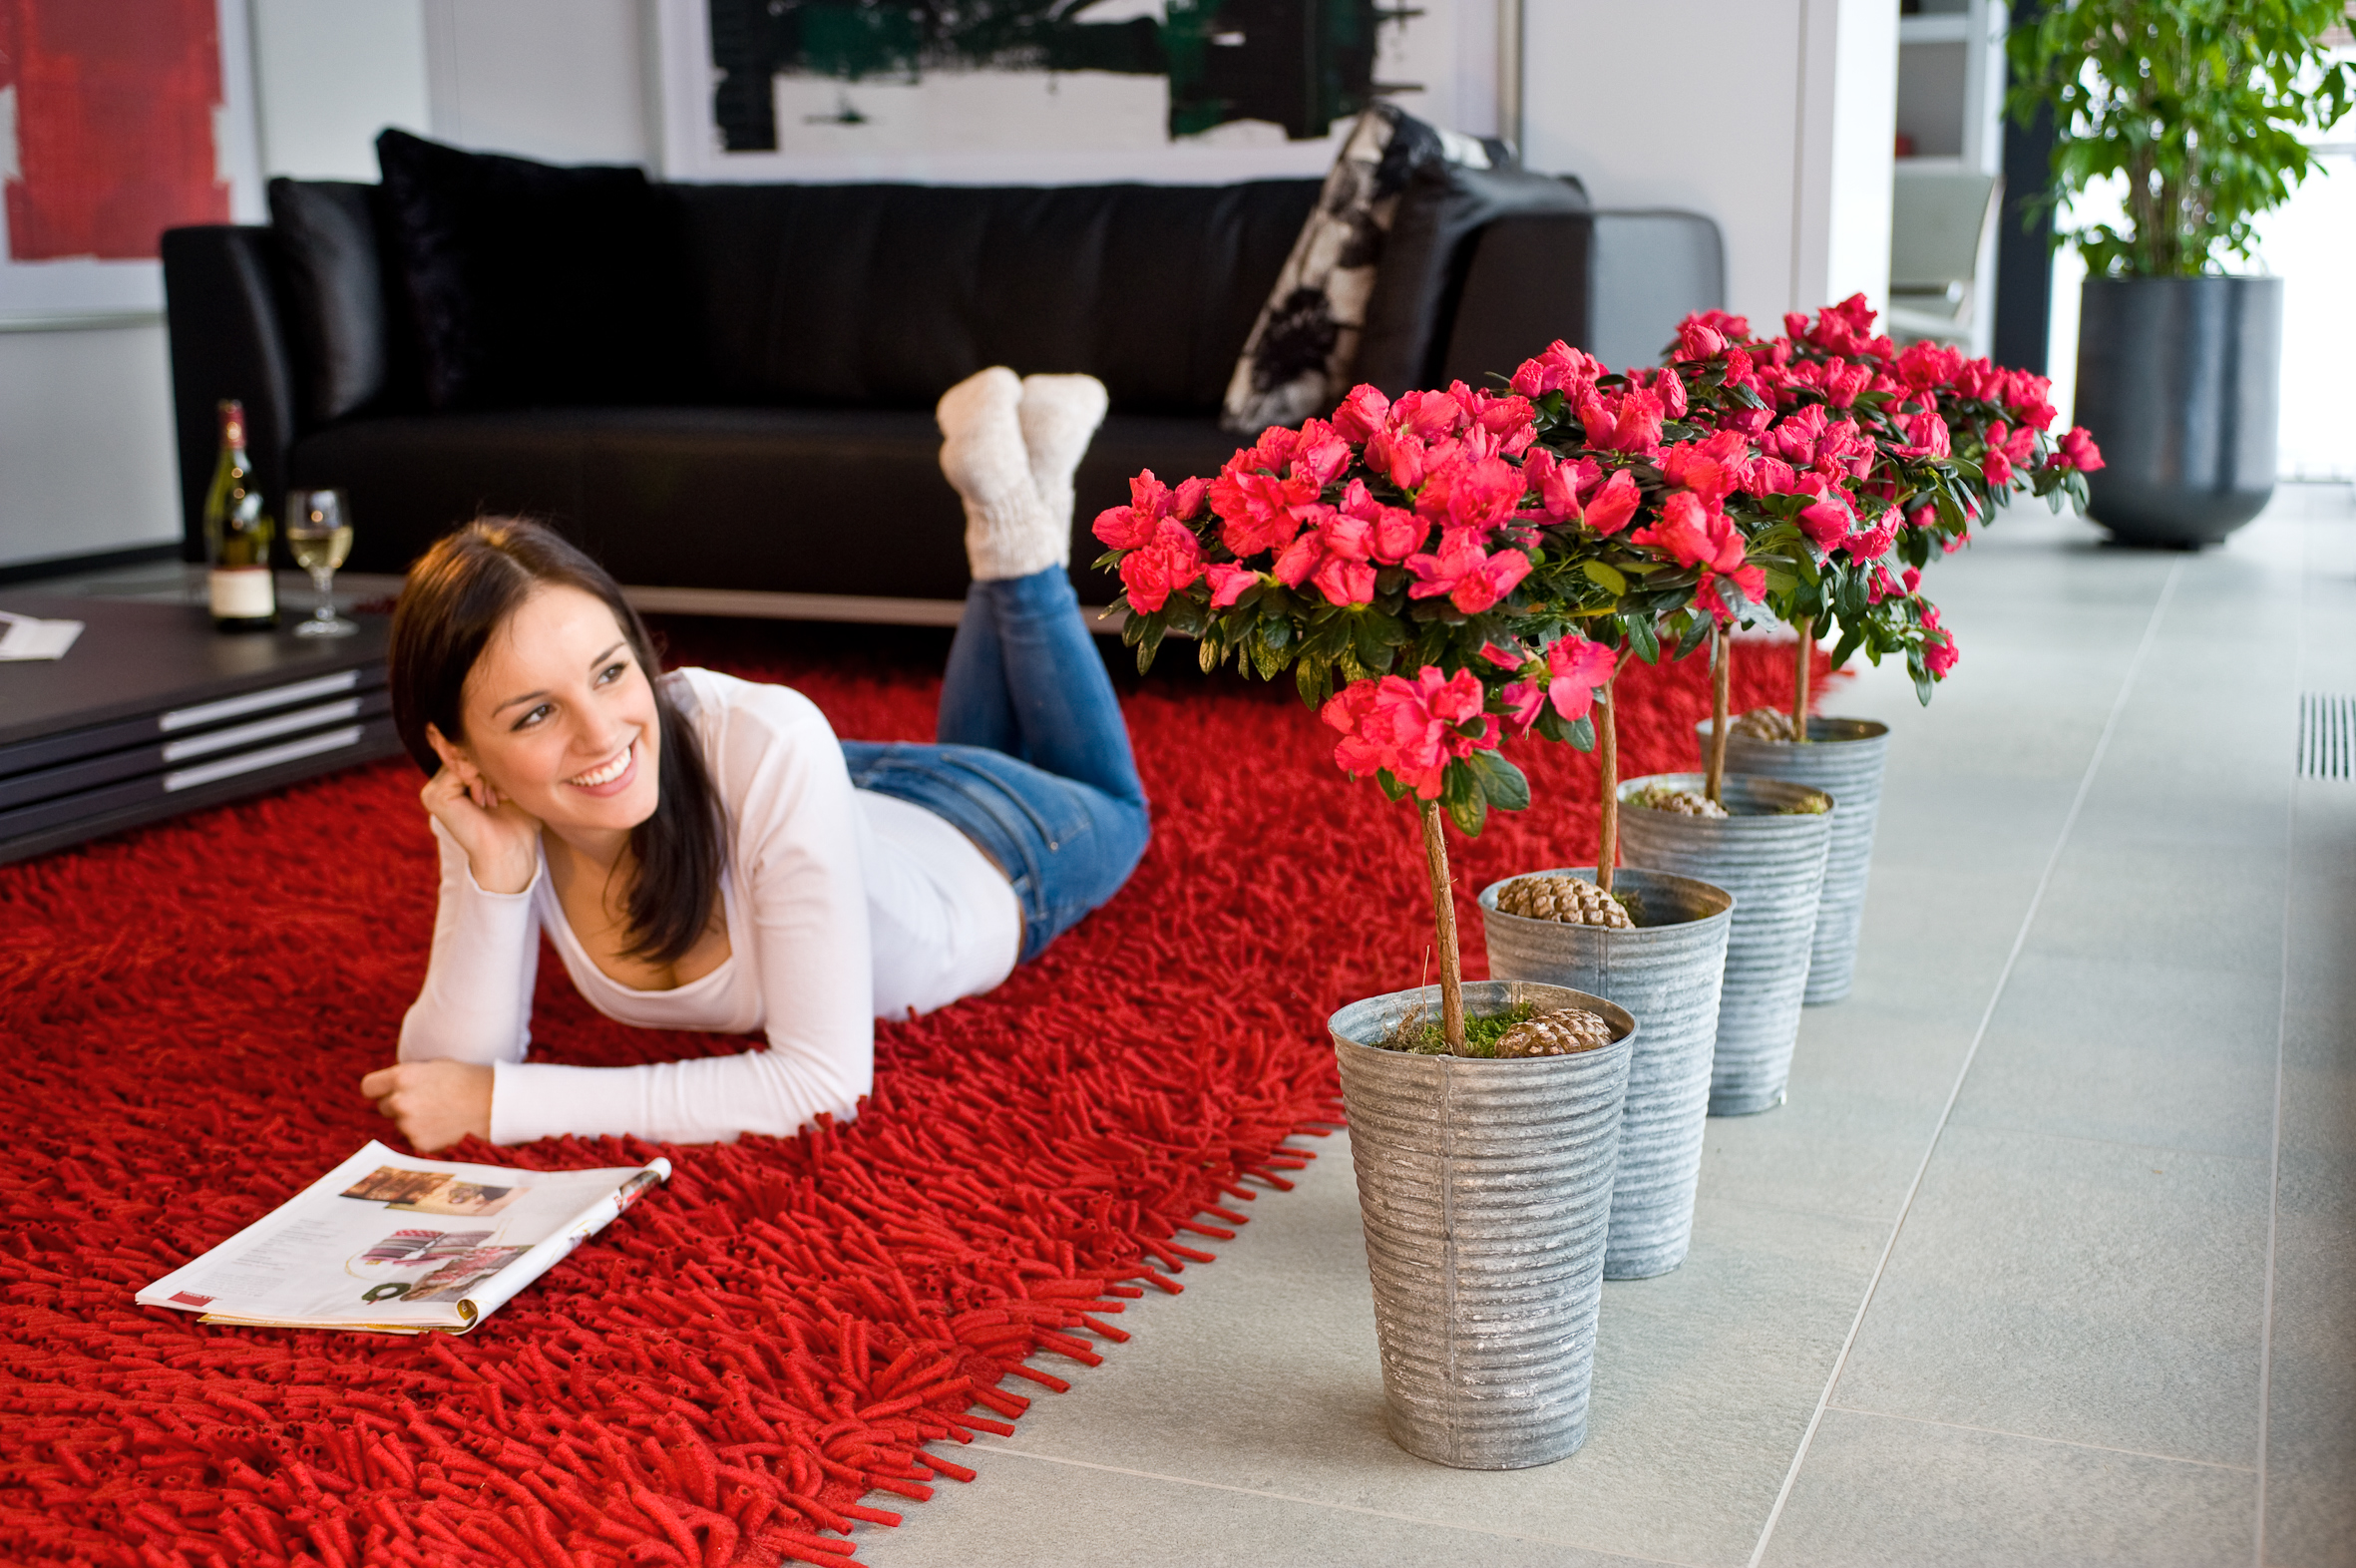 Entspannen mit Pflanzen